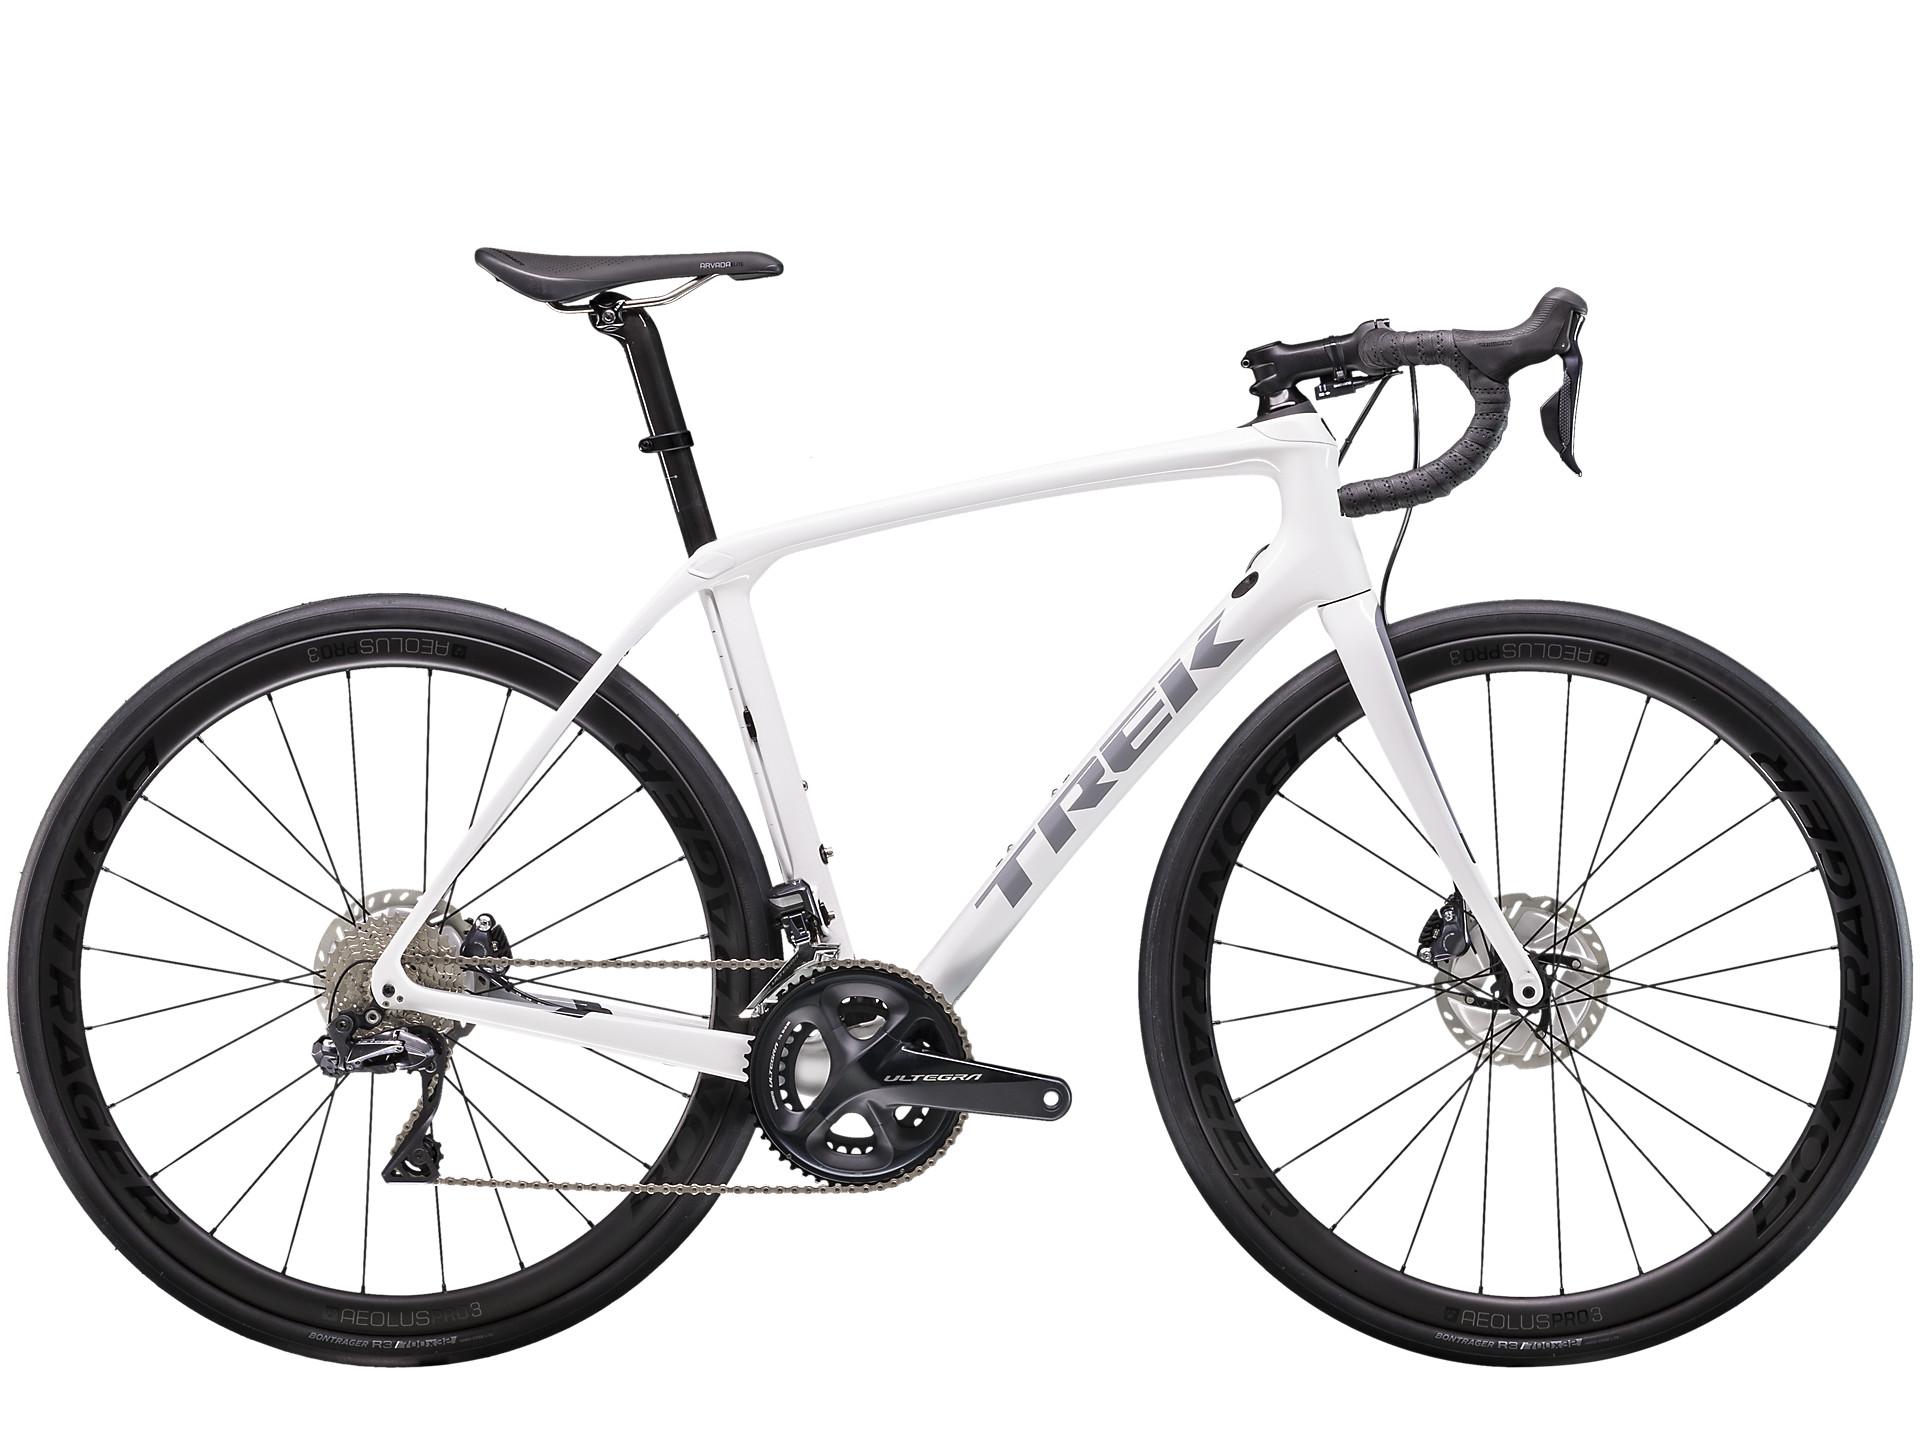 2acfb1e5e28 Domane | Trek Bikes